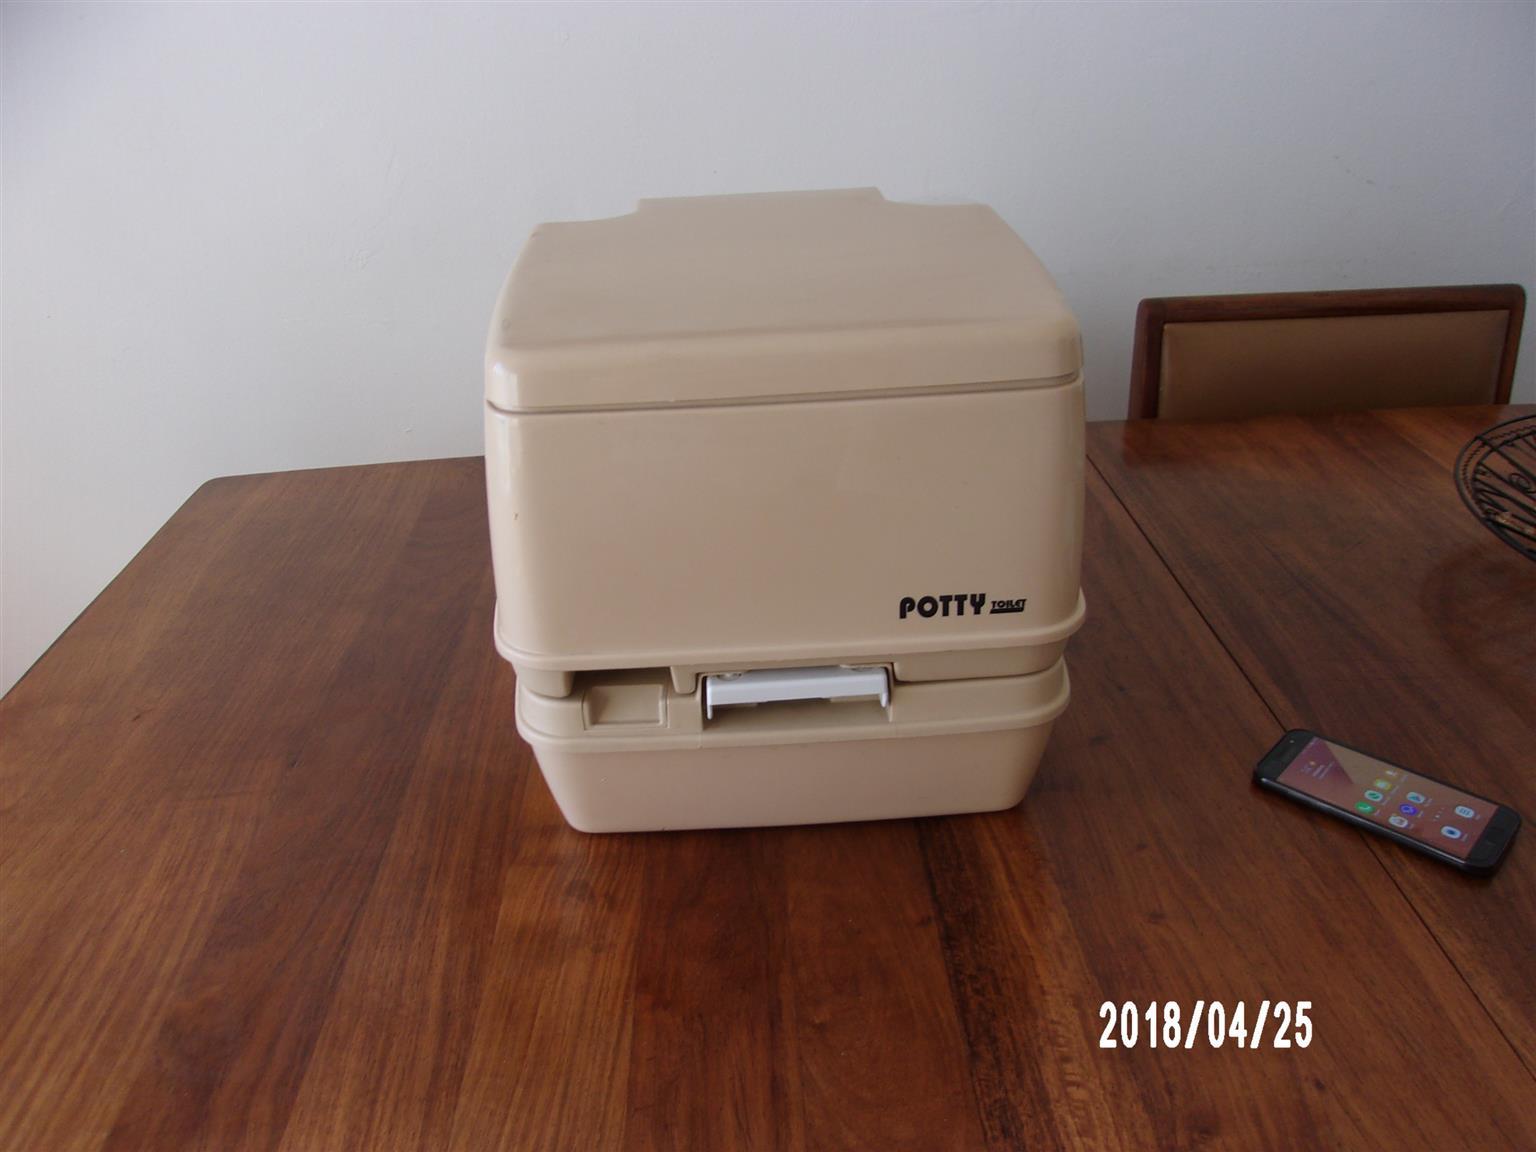 Portable Potty for tents/caravans